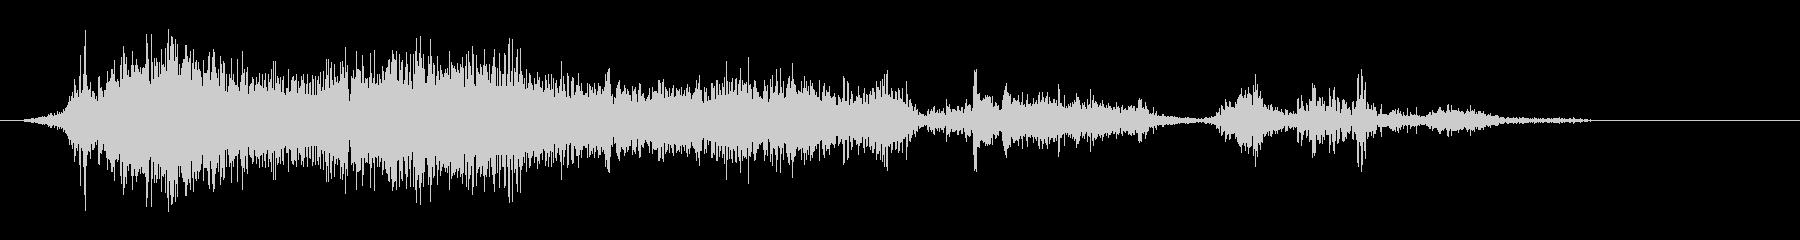 スーペラッ(ゆっくりと紙をめくる音)の未再生の波形